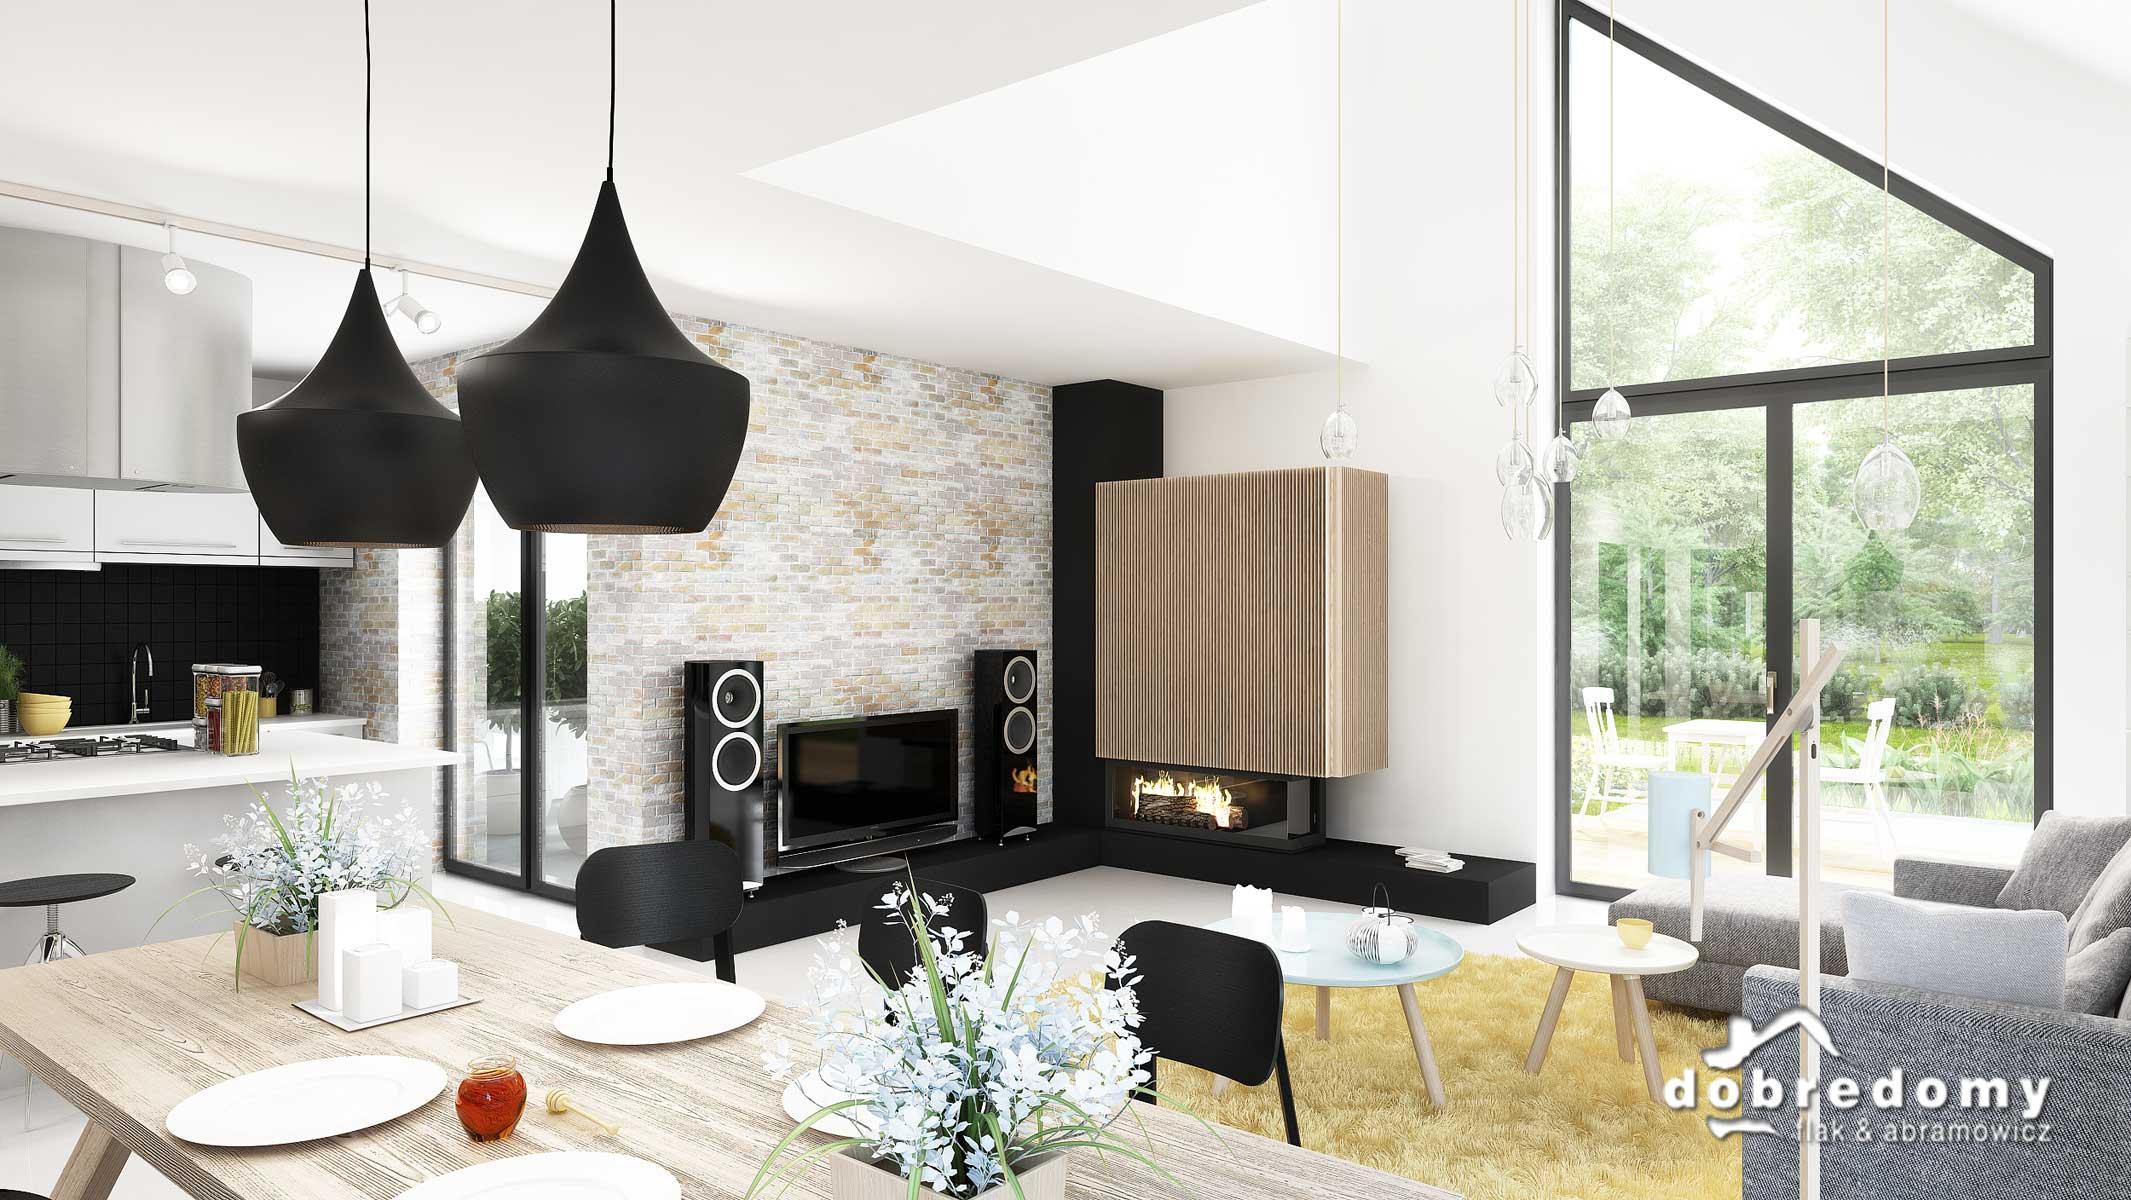 Rozwiązania projektowe, dzięki którym optycznie powiększysz małe pomieszczenia w domu